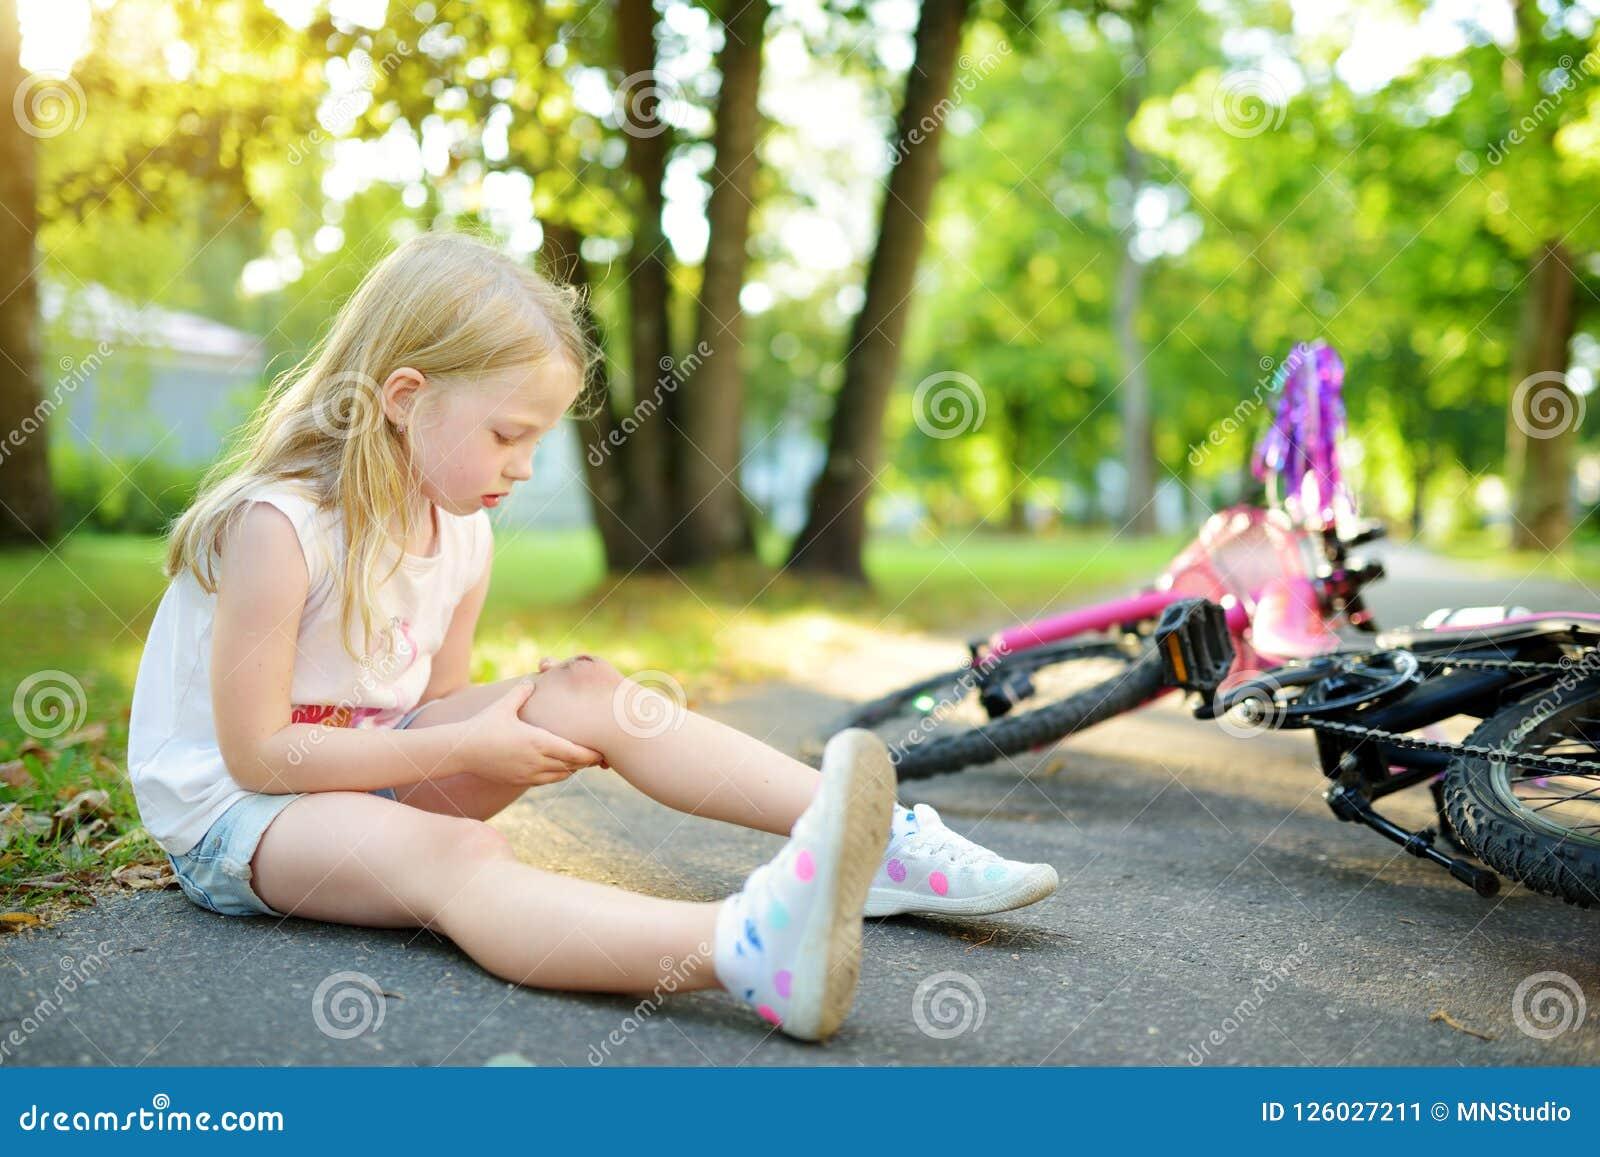 Niña linda que se sienta en la tierra después de caer apagado su bici en el parque del verano Niño que consigue daño mientras que